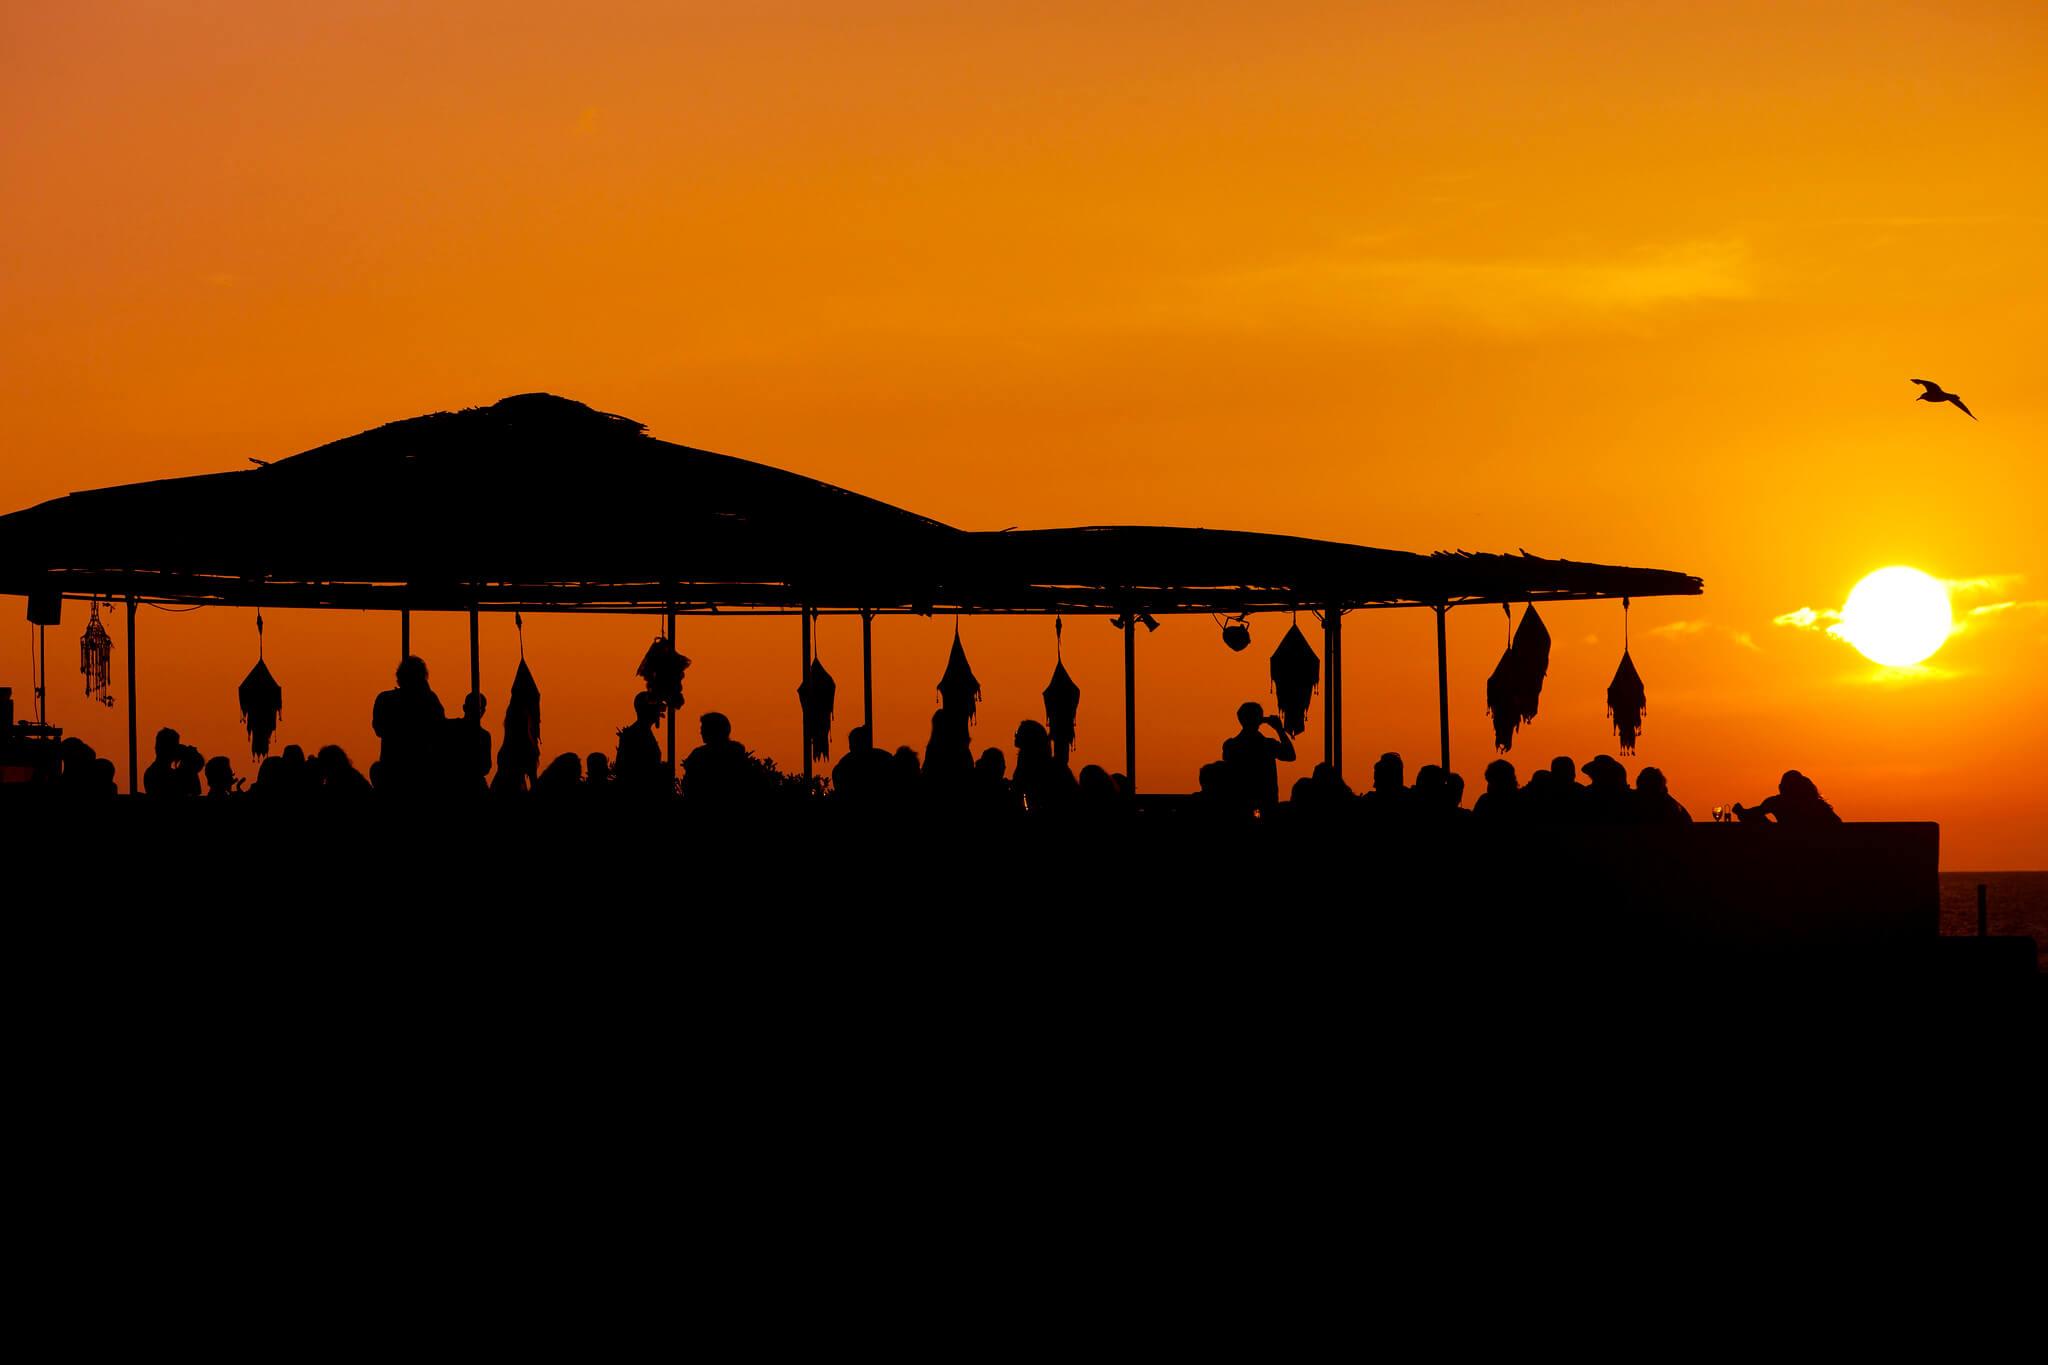 https://www.white-ibiza.com/wp-content/uploads/2020/03/ibiza-sunsets-sunset-ashram-2020-01.jpg